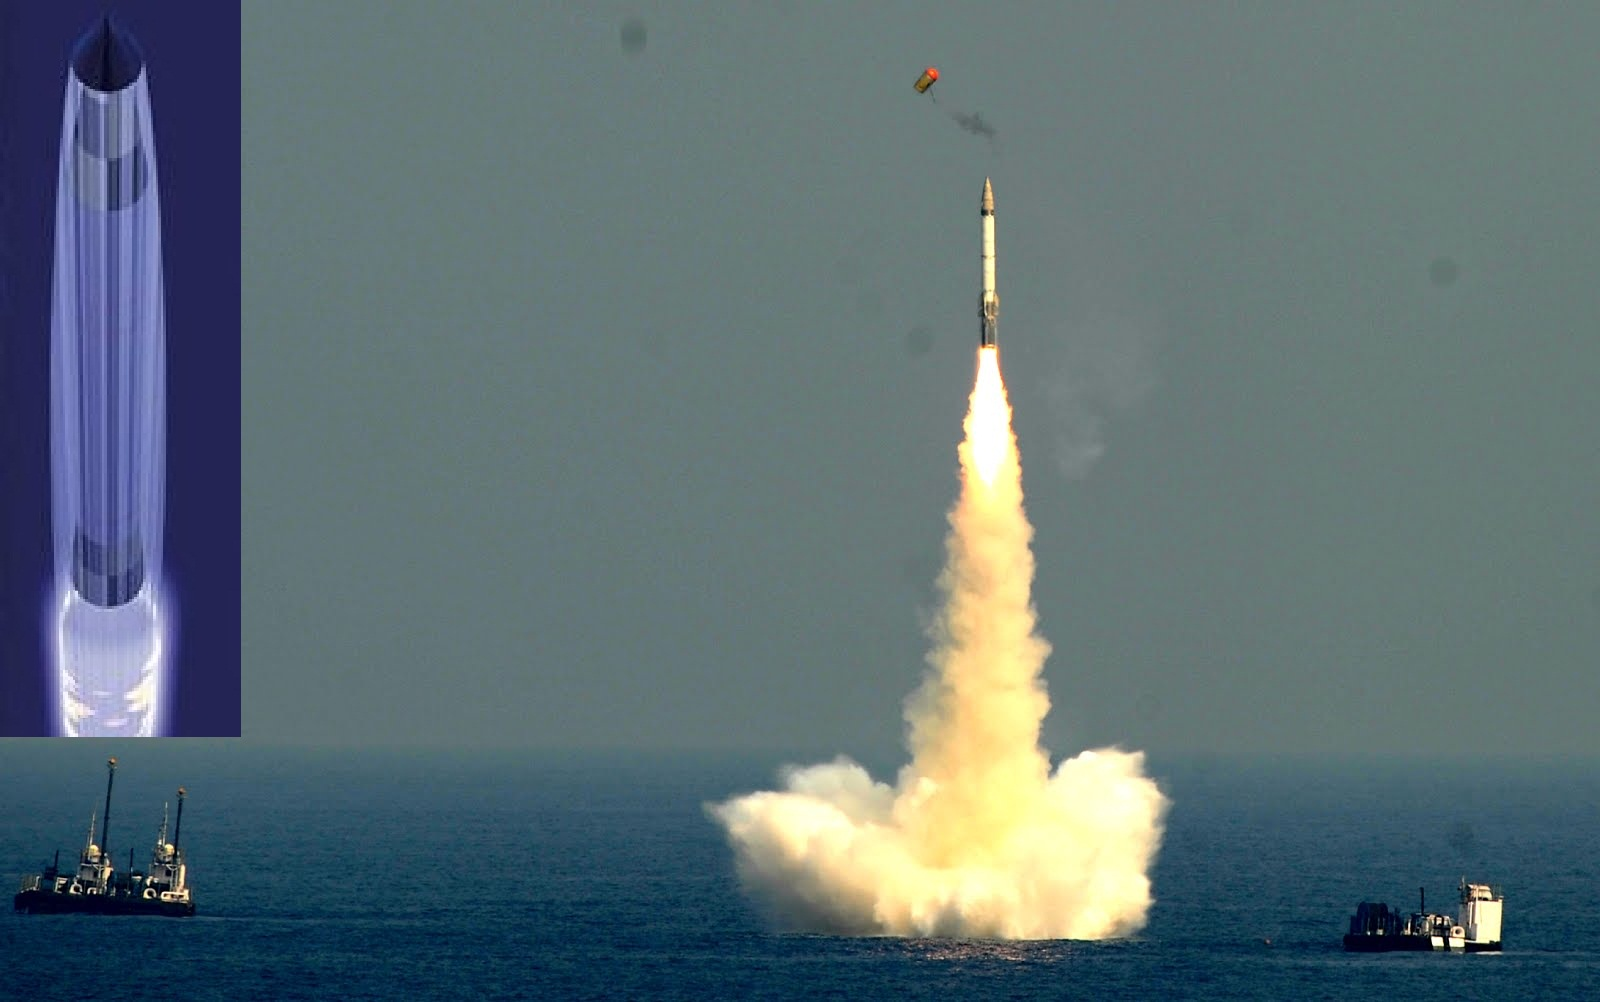 Tên lửa phóng từ tàu ngầm chuyển động dưới nước trong luồng khí bao (ảnh nhỏ) và tầng tạo khí tách ra (ảnh lớn)